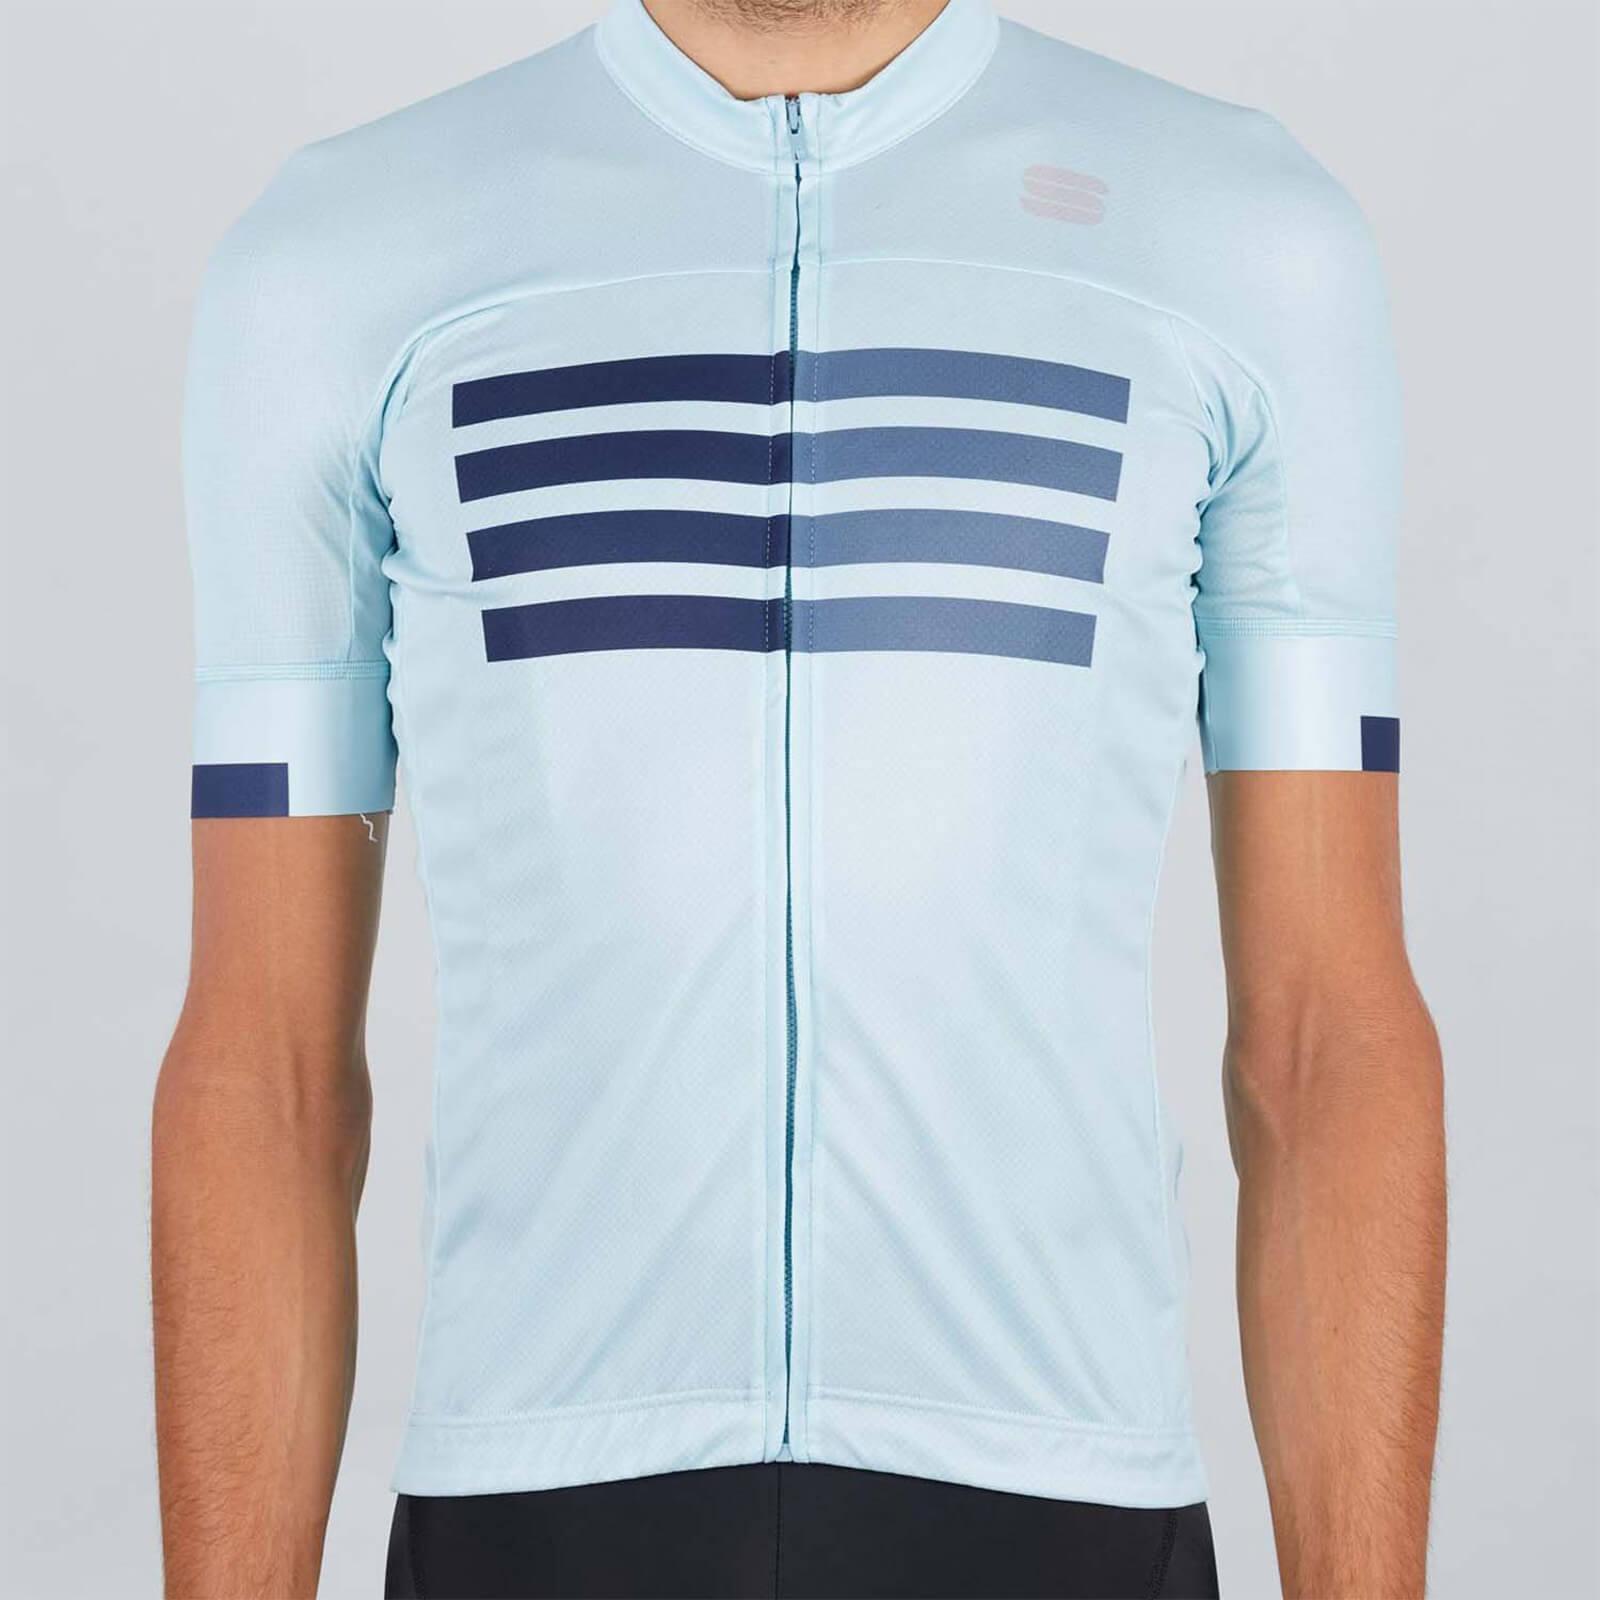 Sportful Wire Jersey - S - Blue Sky/Blue/Blue Sea